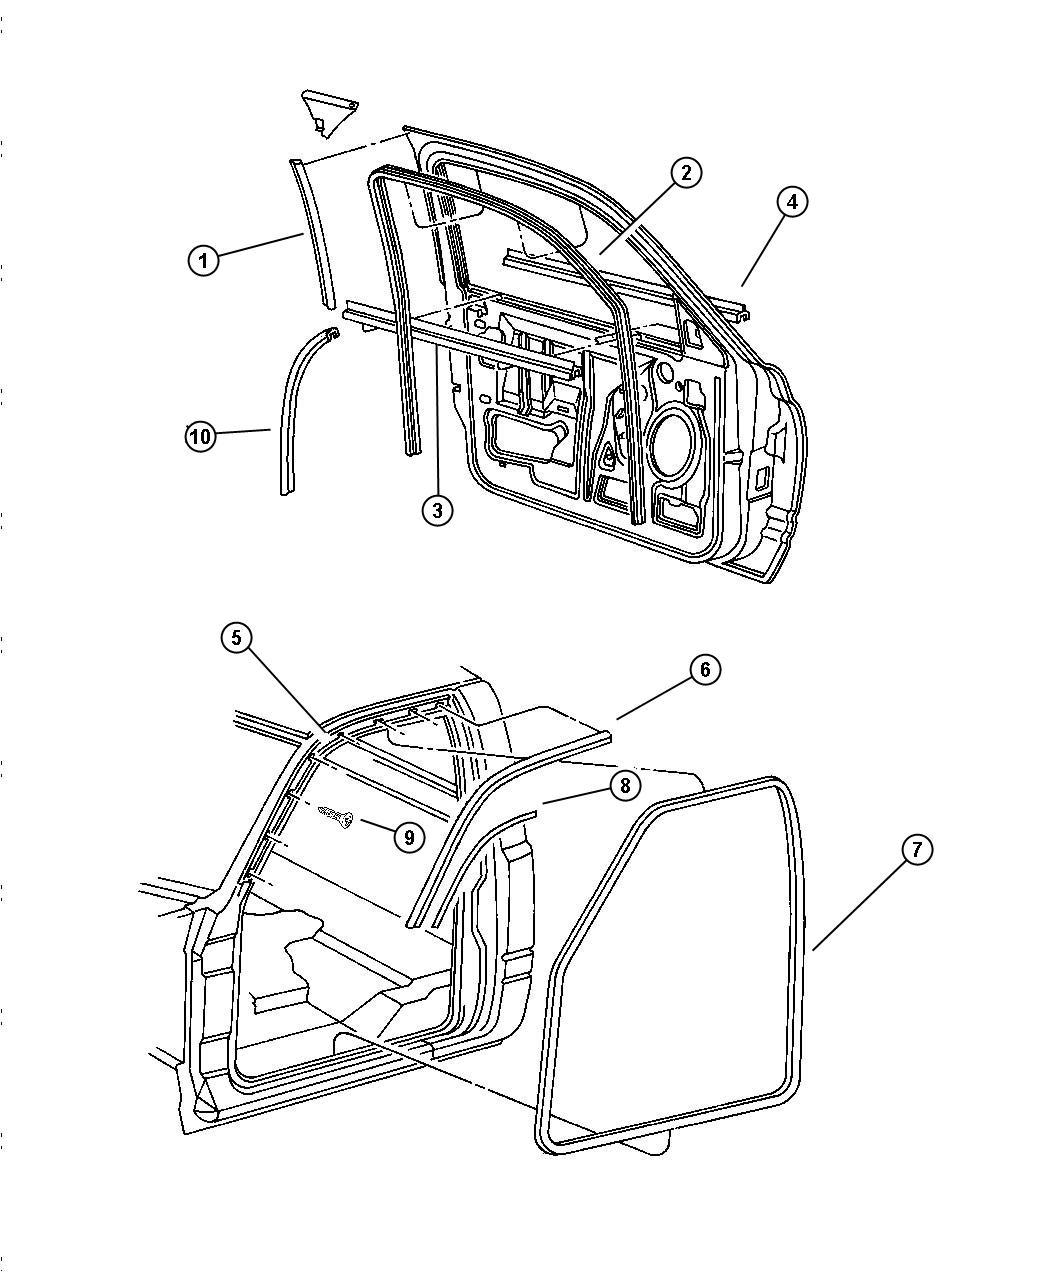 1998 Dodge Ram 2500 Door, Front Weatherstrips And Seals